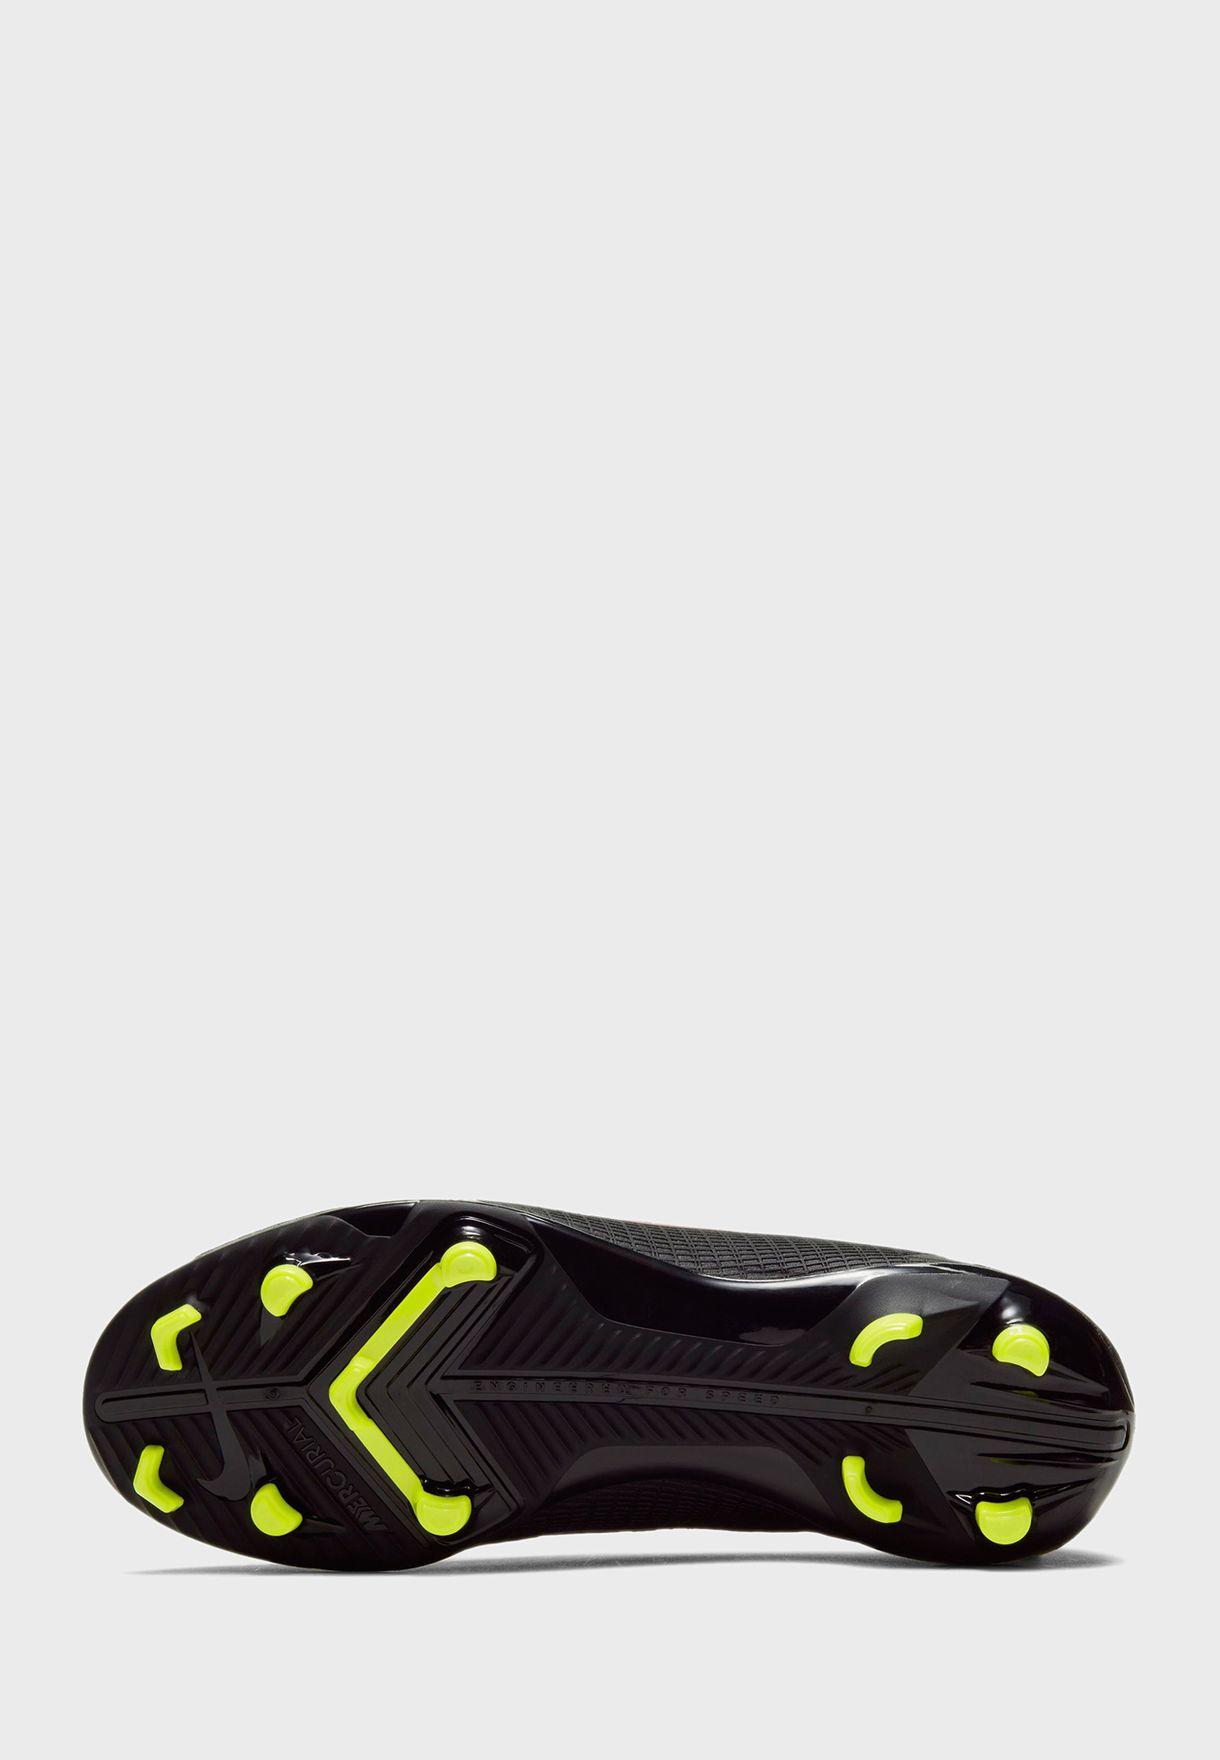 حذاء فابور 14 كلوب اف جي/ام جي